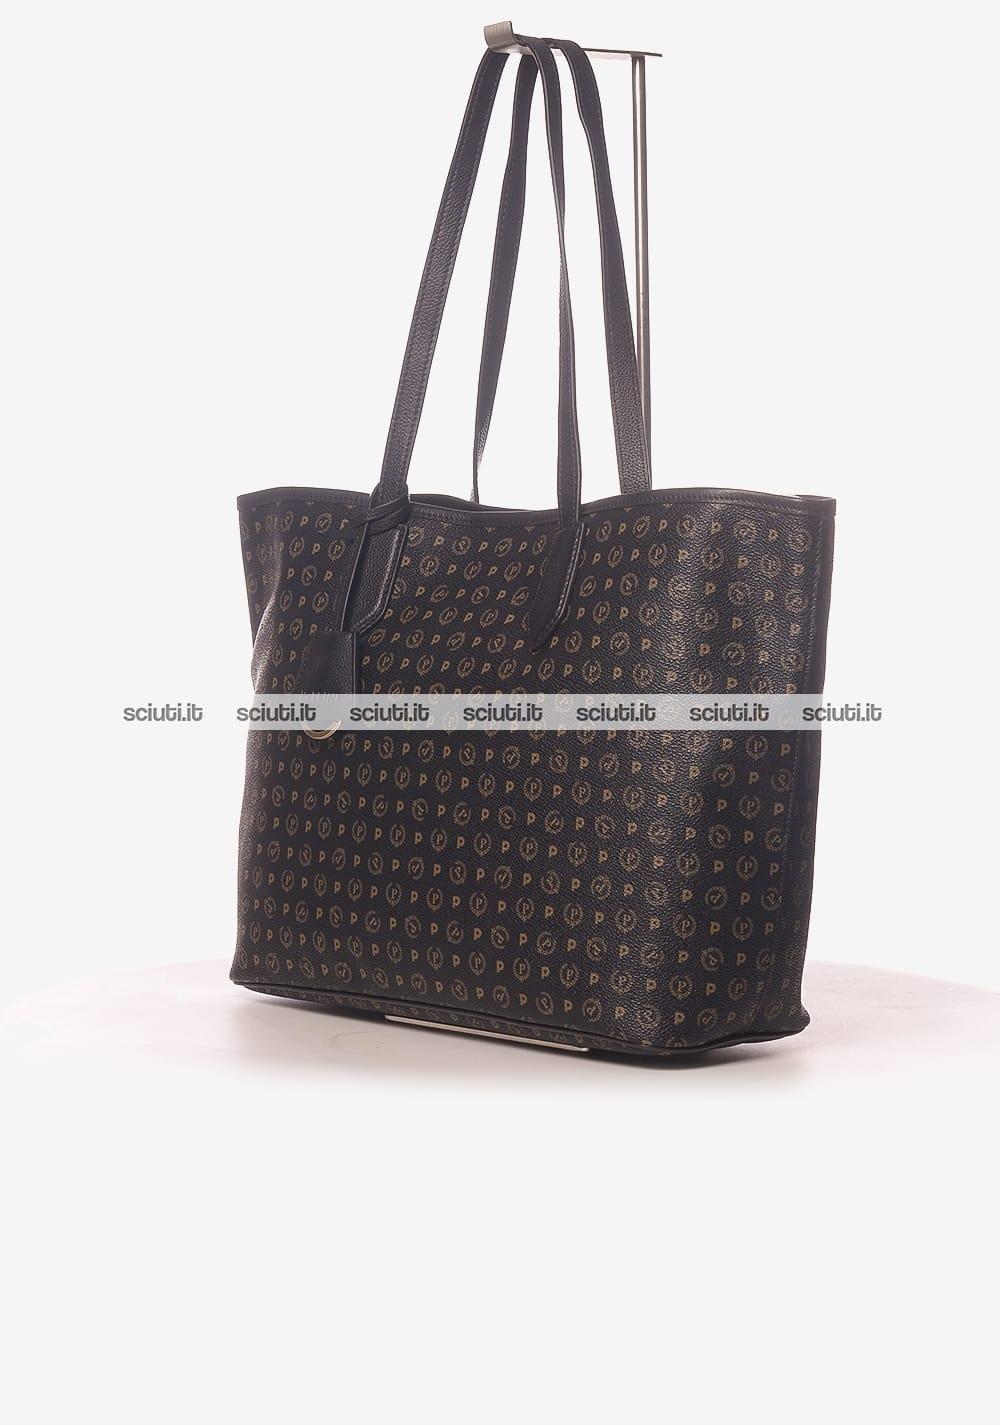 18a22840c3 Borsa shopping Pollini Heritage donna logo all over nero | Sciuti.it